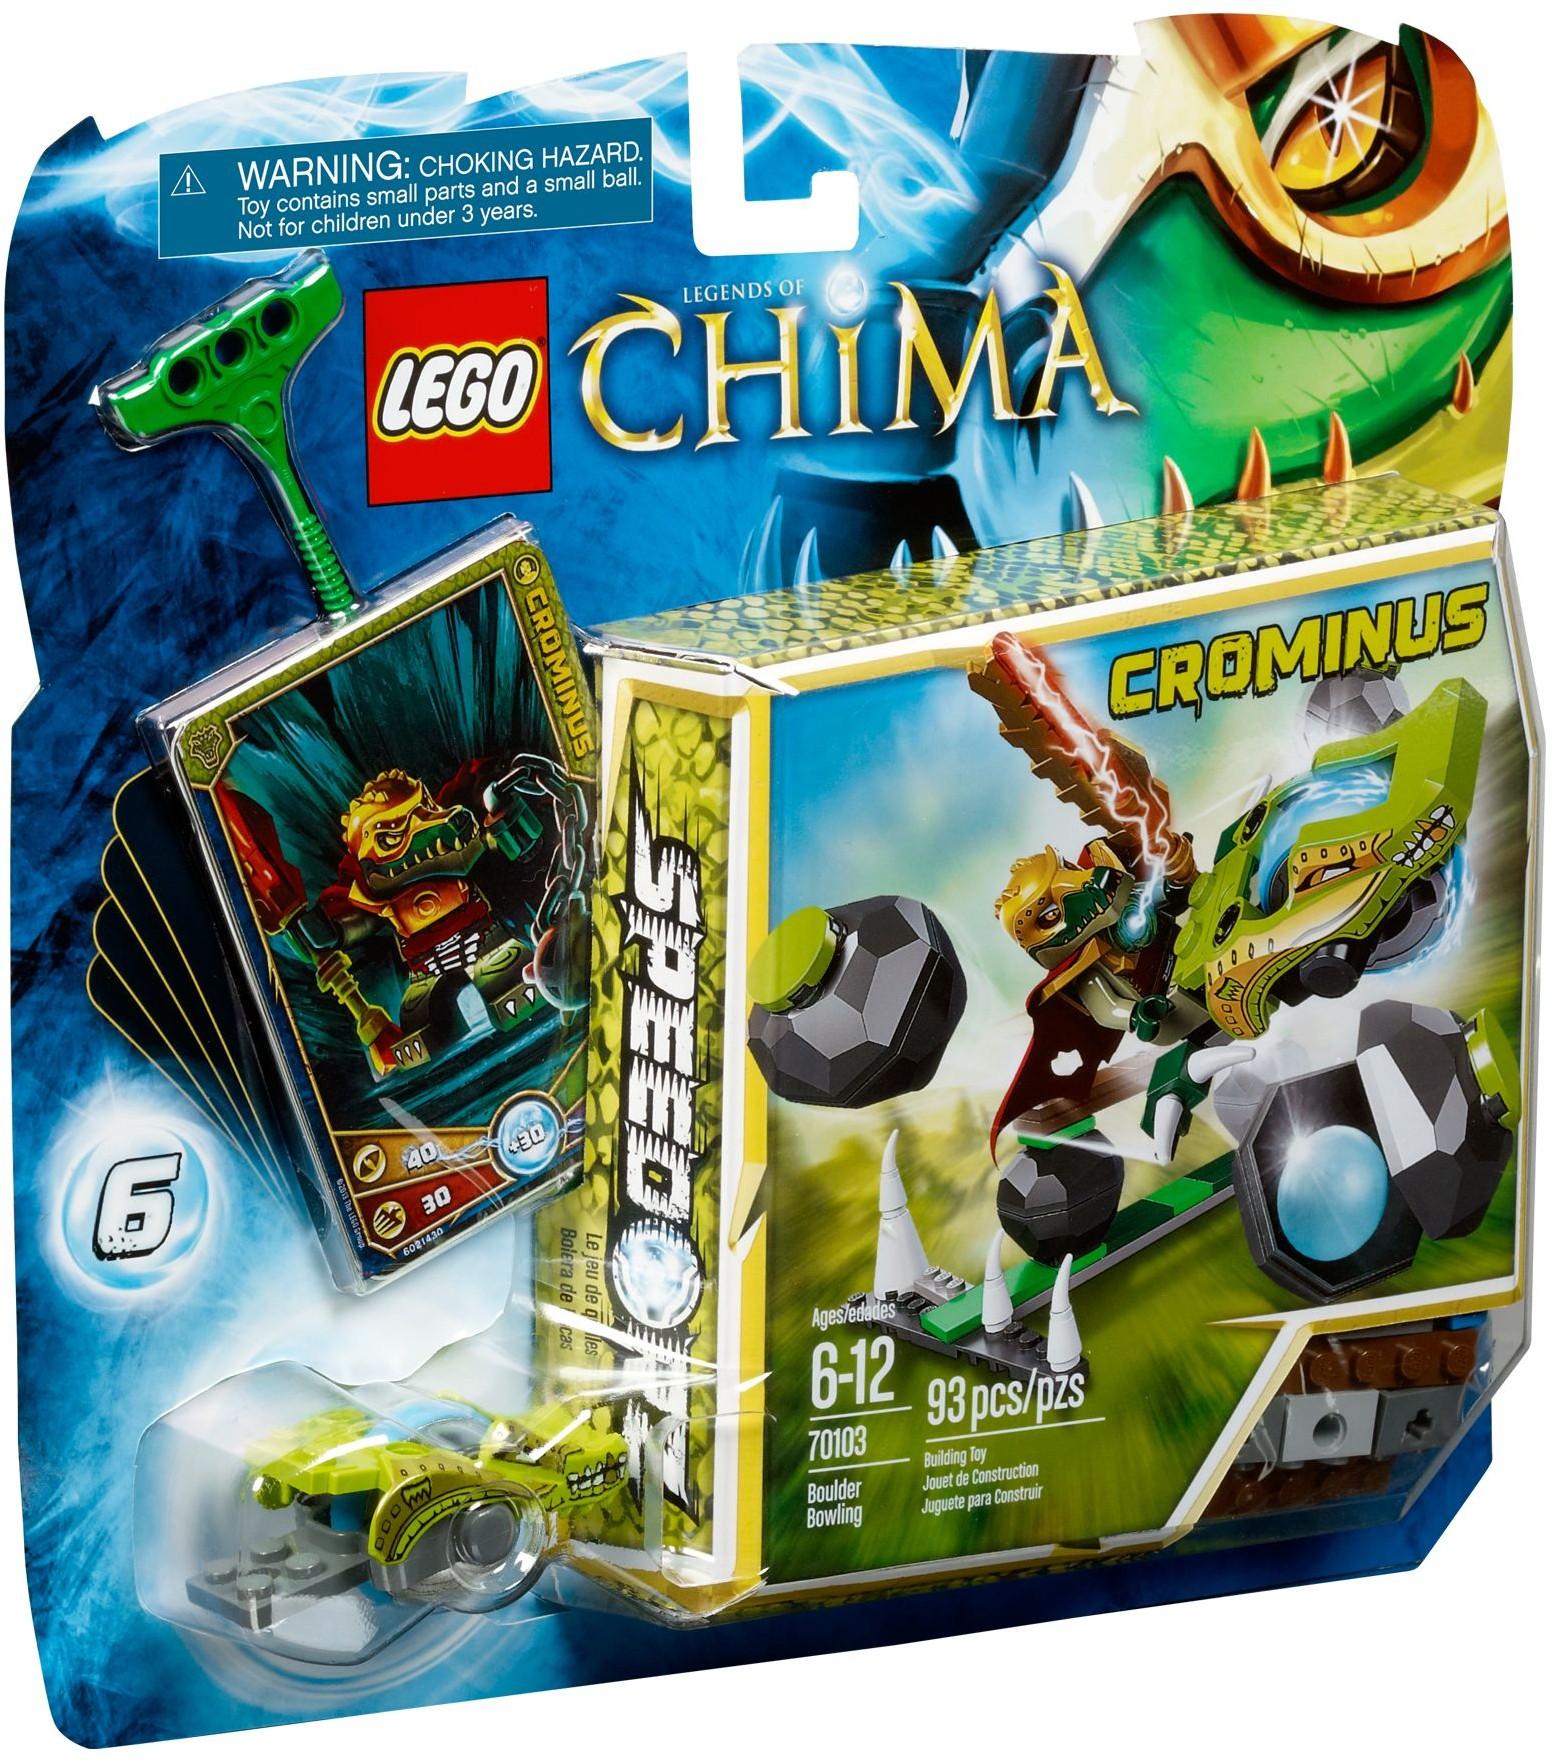 Lego chima 70103 pas cher le chamboule tout - Image de lego chima ...